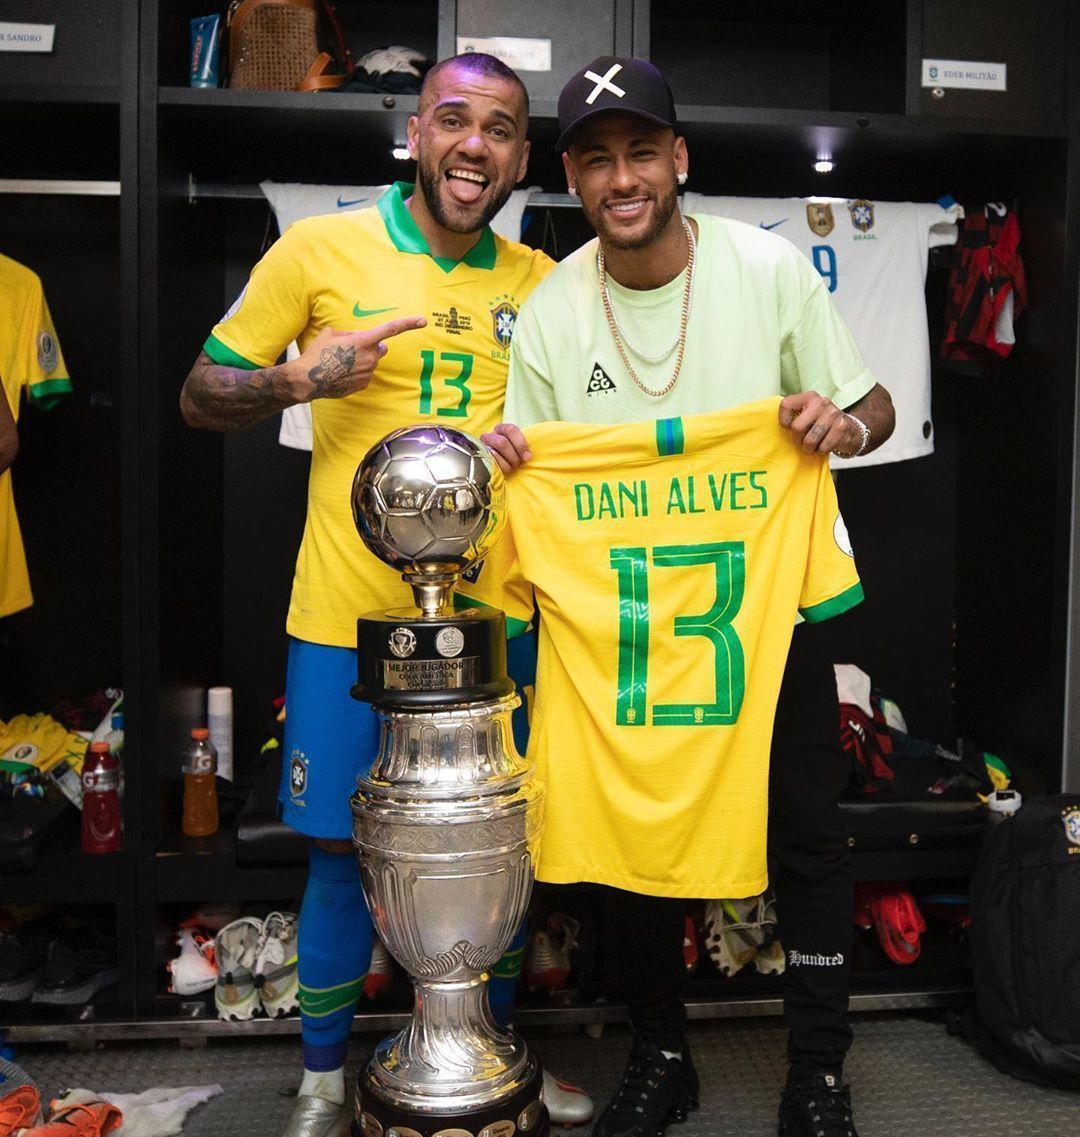 內馬爾也是巴西國家隊成員,但他因傷退出美洲盃,巴西總教練卻說這對巴西隊是好事。(翻攝自內馬爾IG)